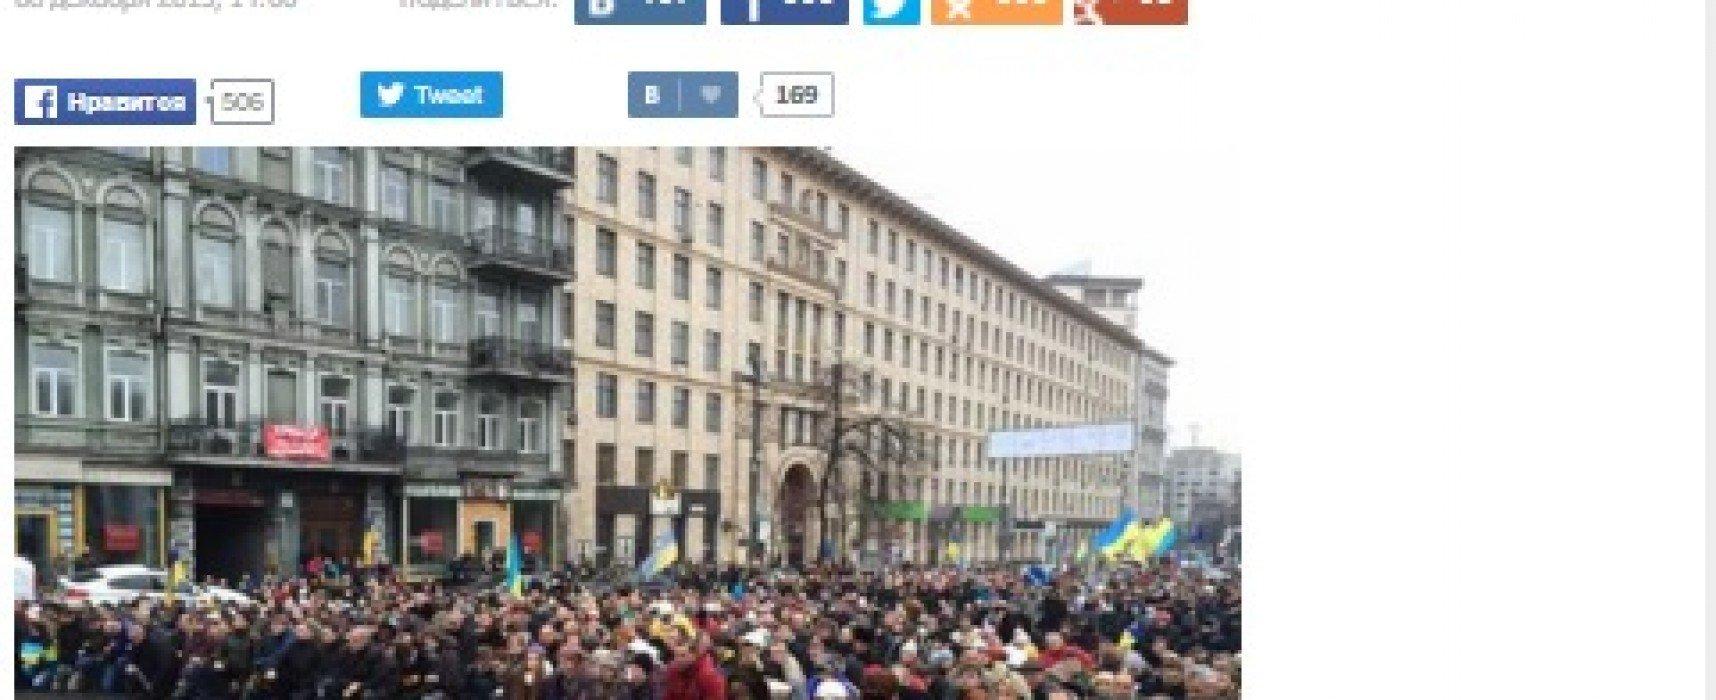 Foto falsa: los ucranianos se arrodillaron delante de Biden